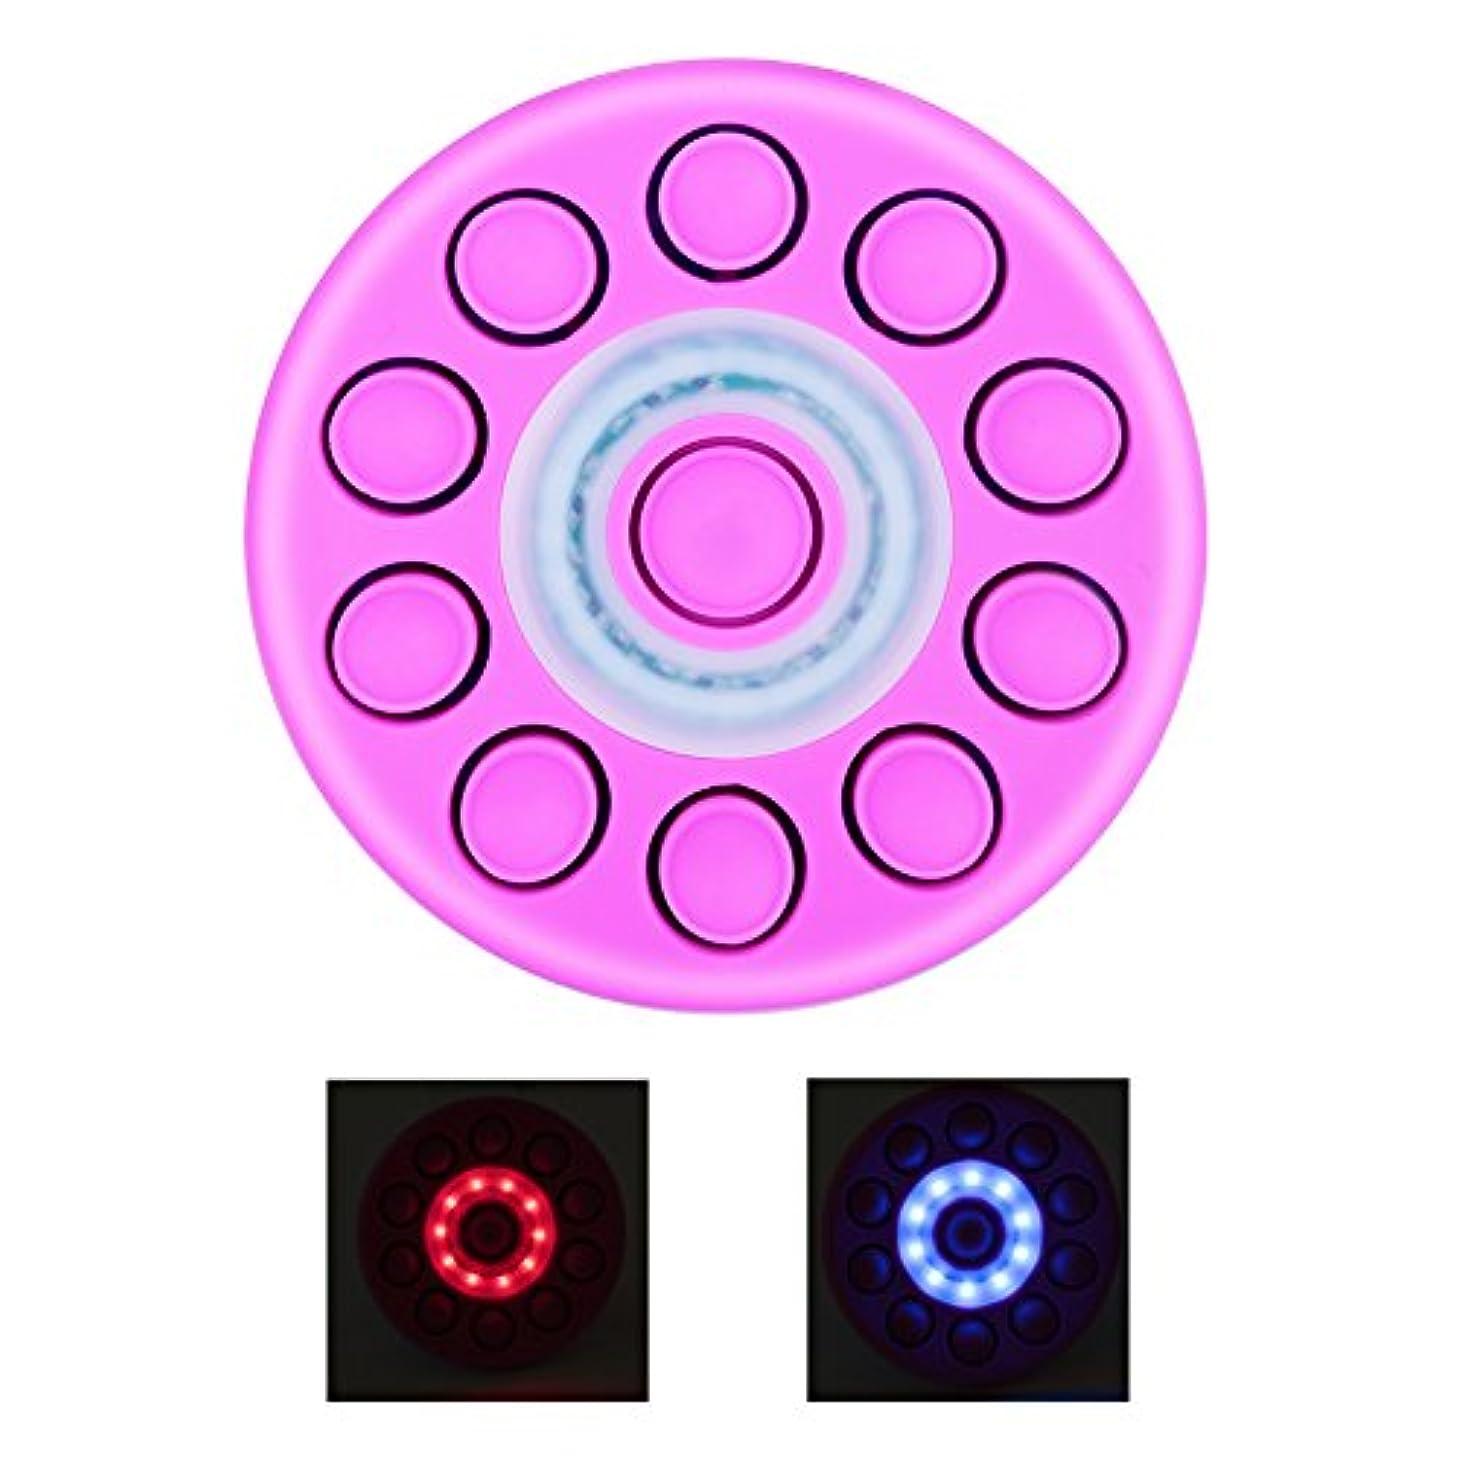 改善する声を出して晩餐女性胸マッサージリフティング加熱胸マッサージ(紫の)